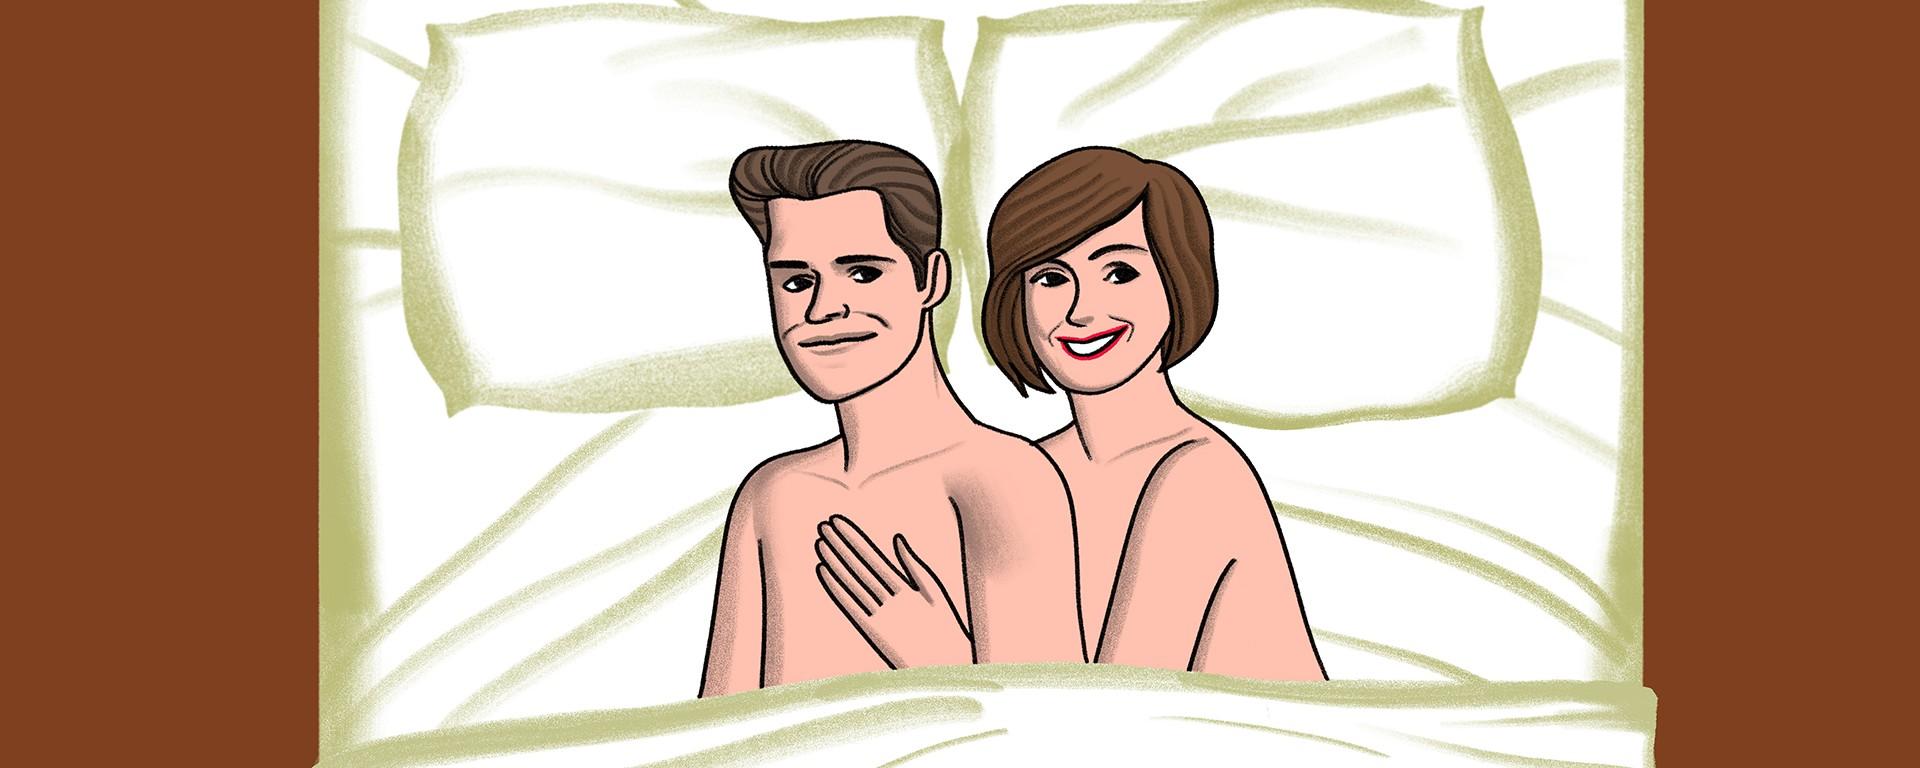 erecția soțului meu dispare barbat erectie in varsta de 50 de ani